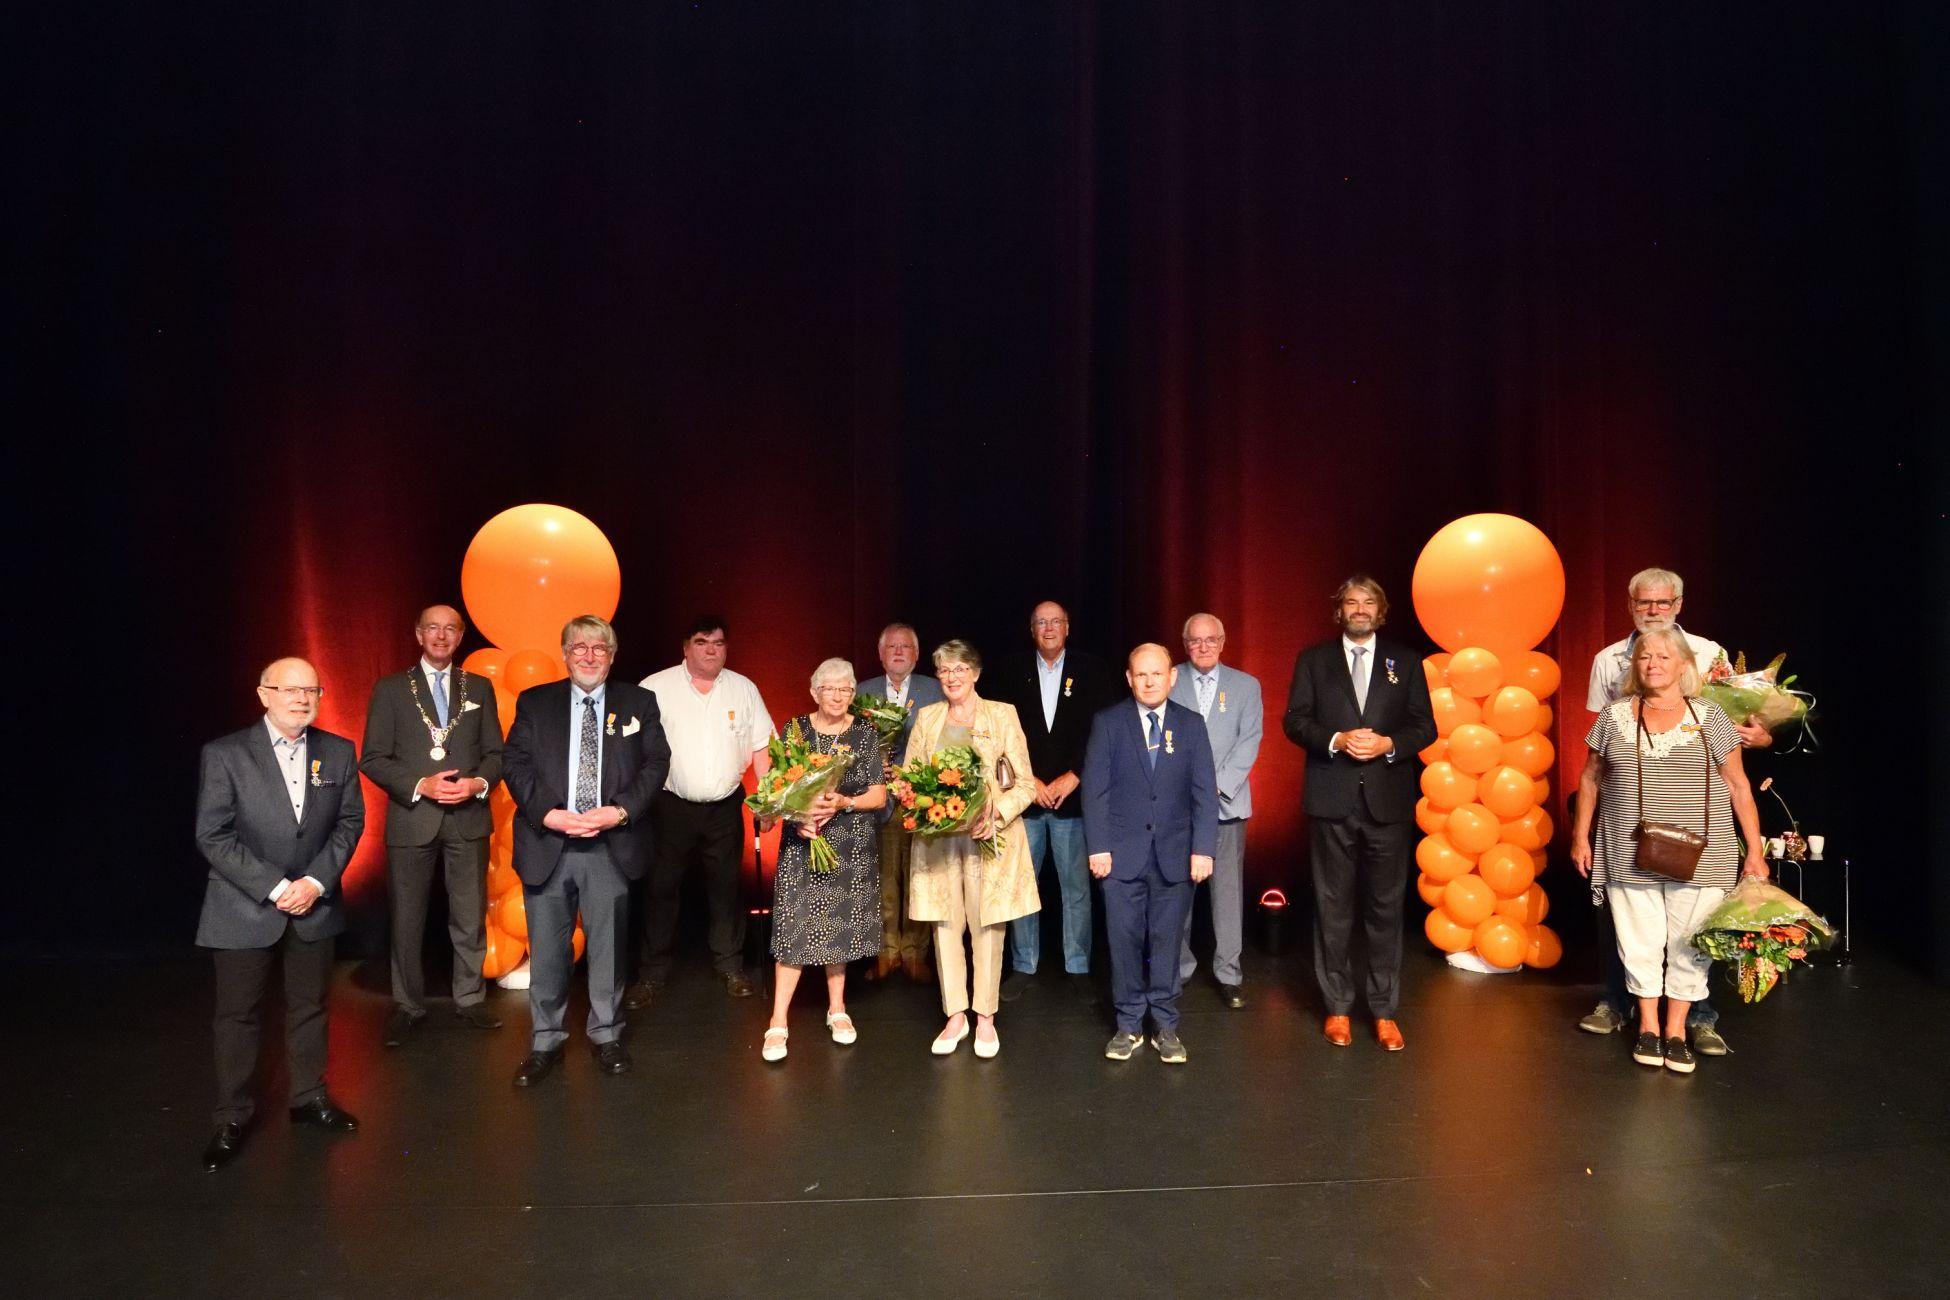 Koninklijke onderscheidingen lintjesregen 2020 uitgereikt